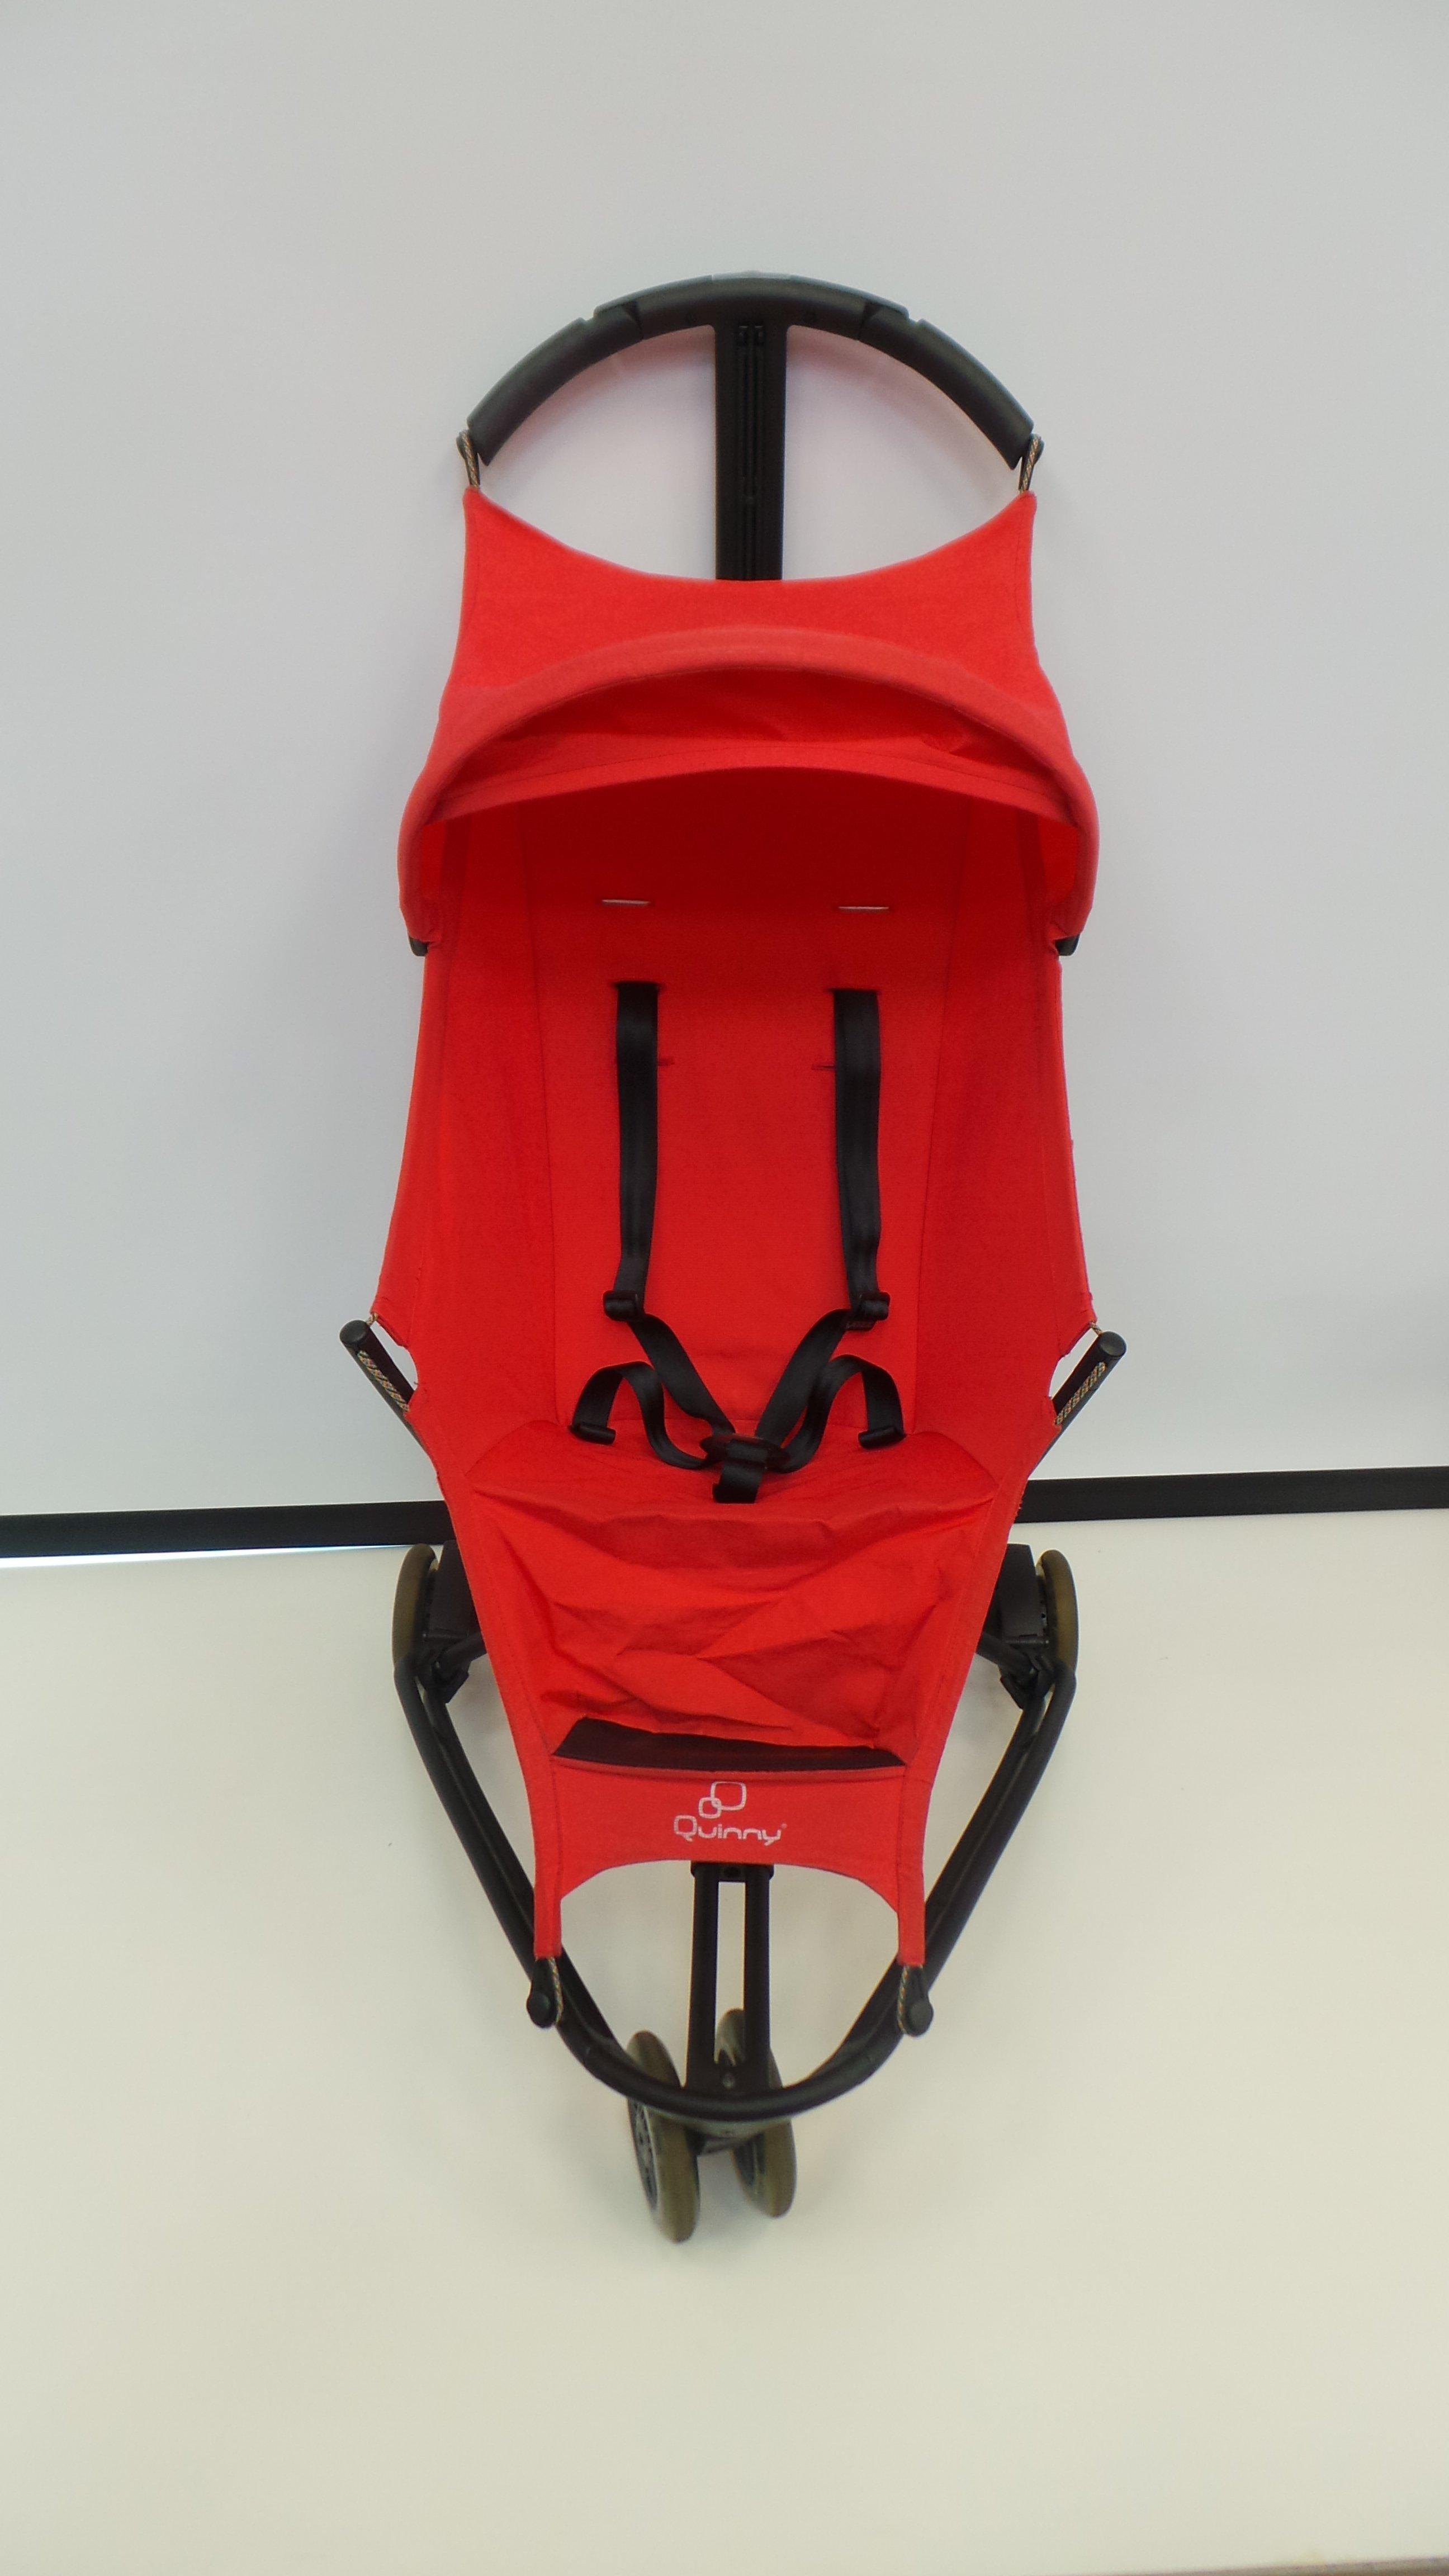 【紫貝殼*二手出售】荷蘭 Quinny Yezz 時尚手推車 車重4.3公斤